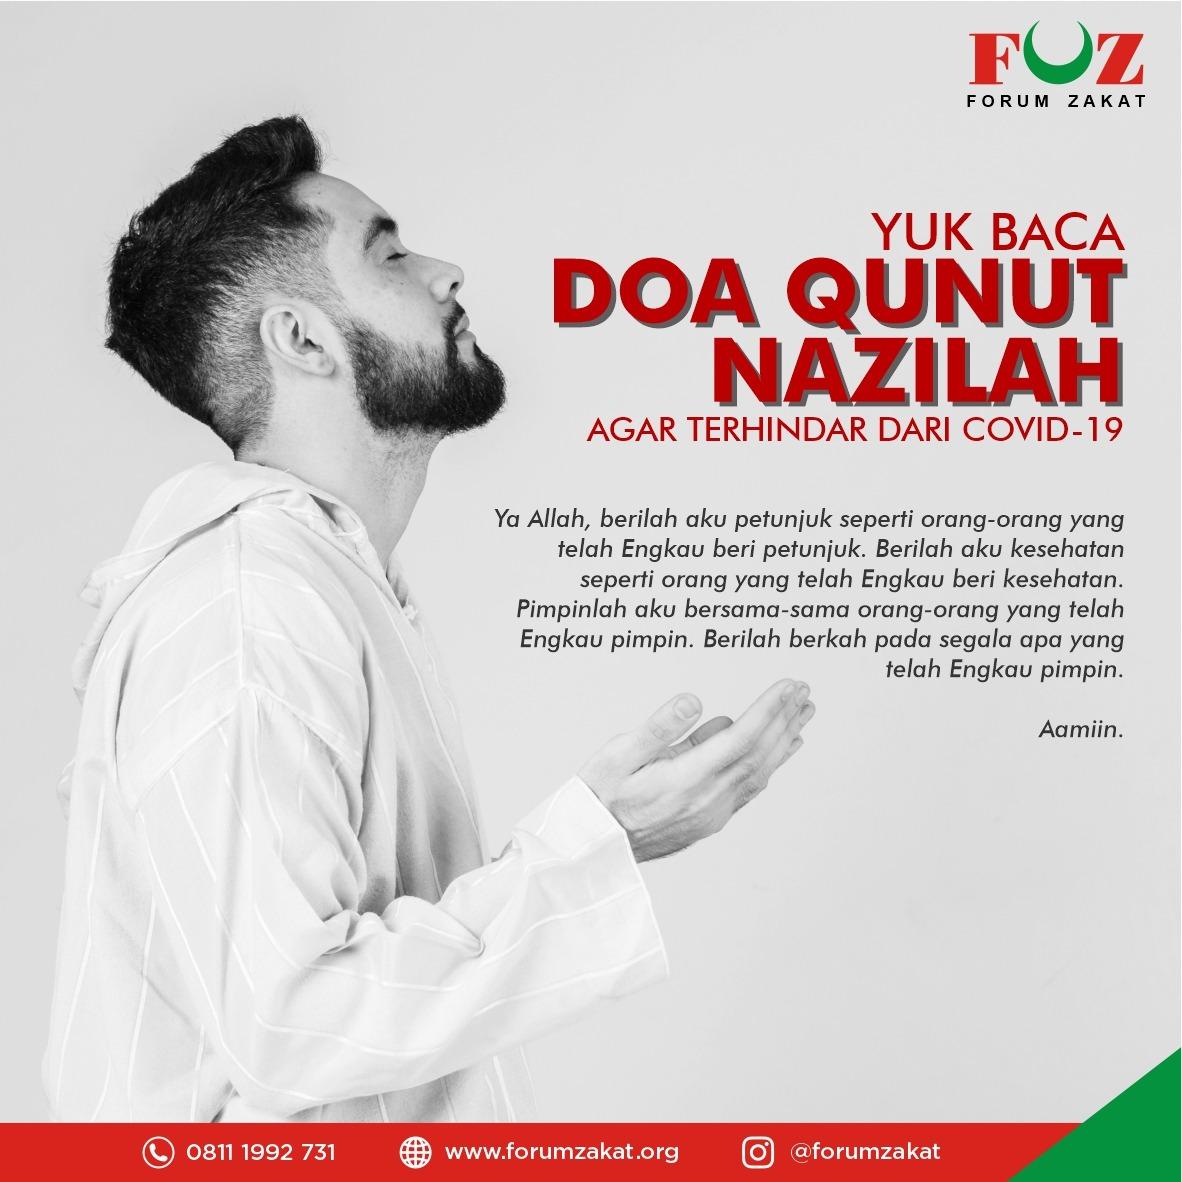 Yuk Baca Doa Qunut Nazilah Agar Terhindar dari Covid-19